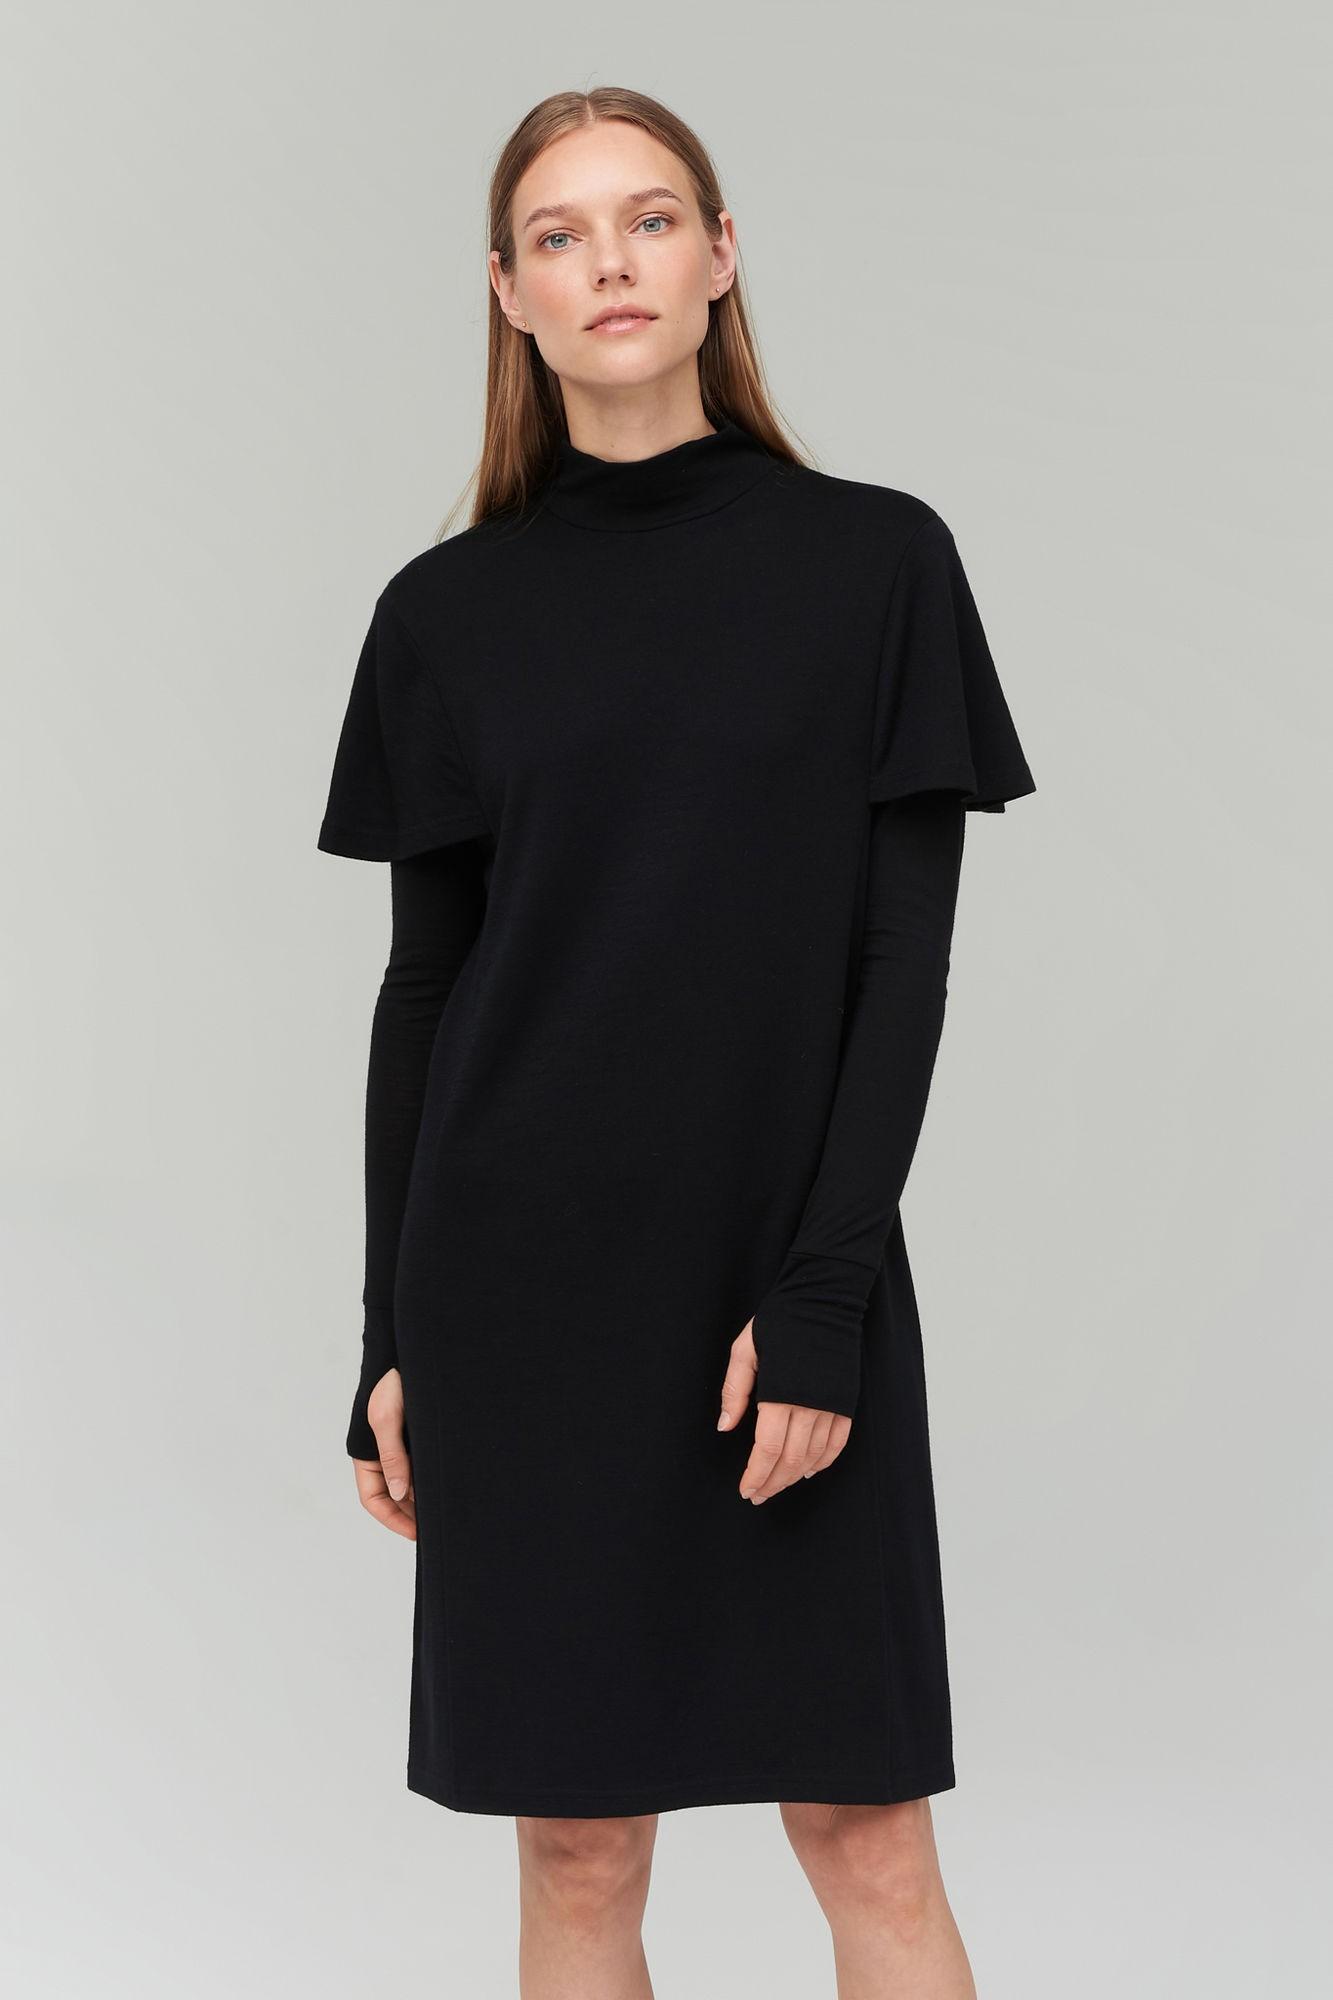 AUDIMAS Merino ir bambuko pluošto suknelė 20RM-005 Black XS